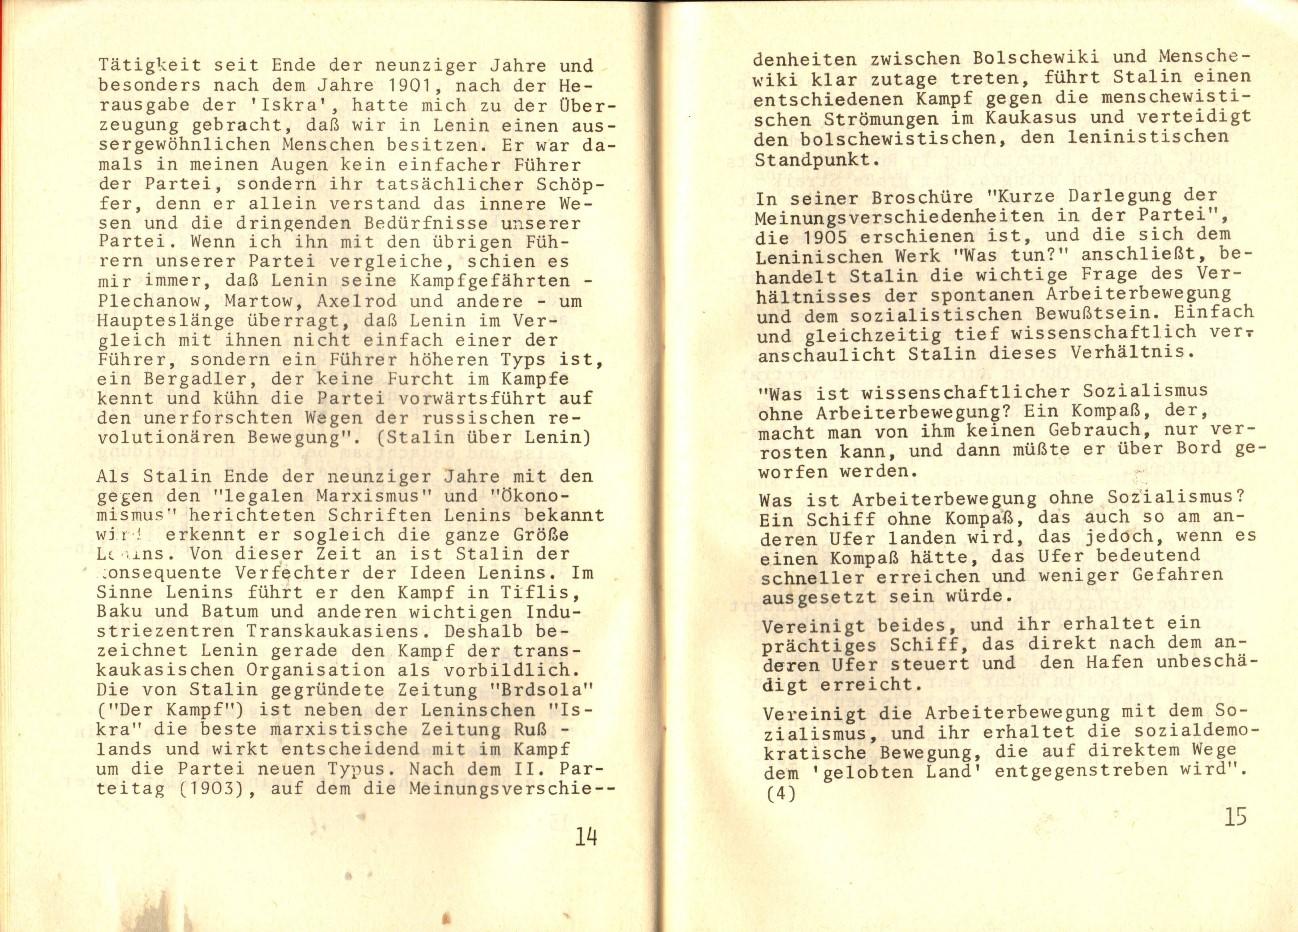 ZB_1971_Ueber_Stalin_11